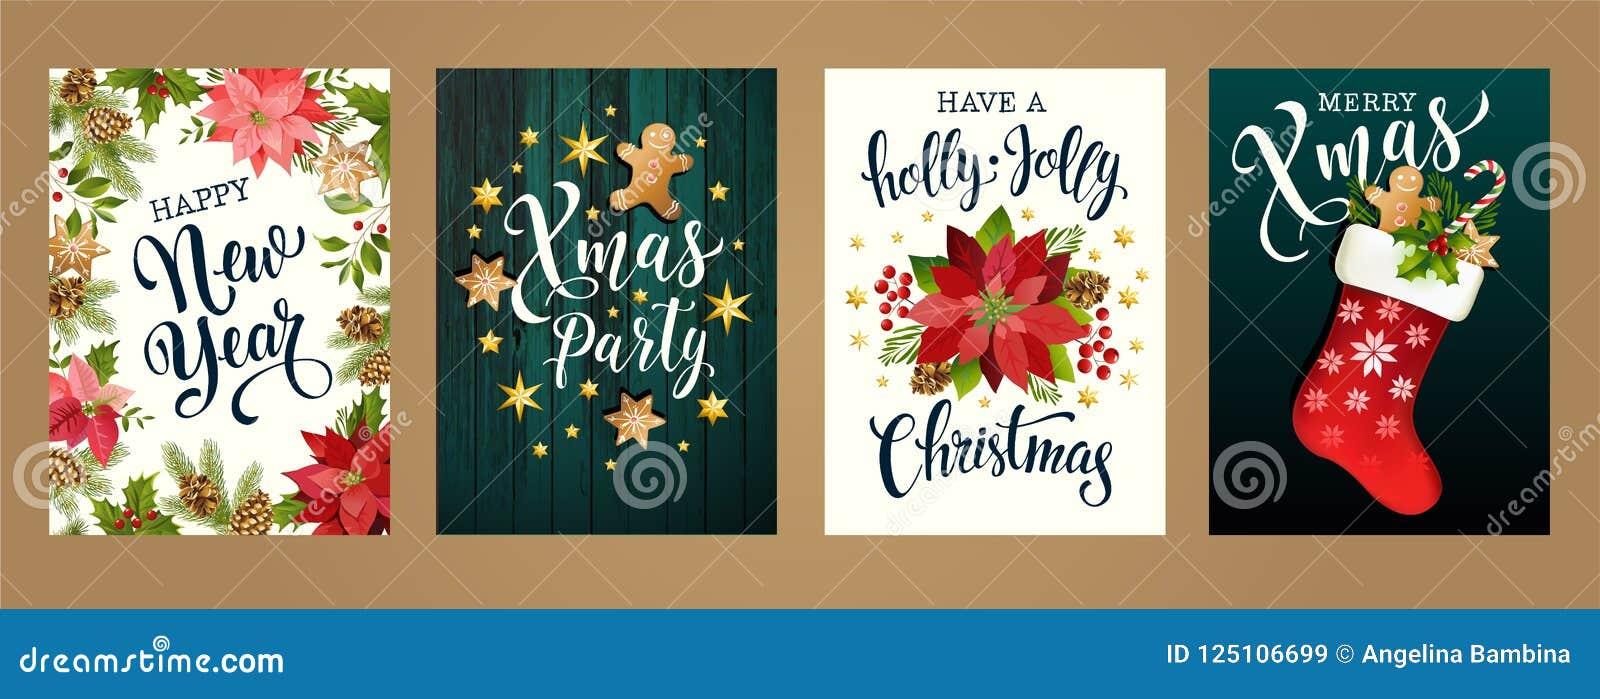 Joyeux Noël et bonne année couleurs blanches et noires de 2019 Concevez pour l affiche, carte, invitation, carte, insecte, brochu